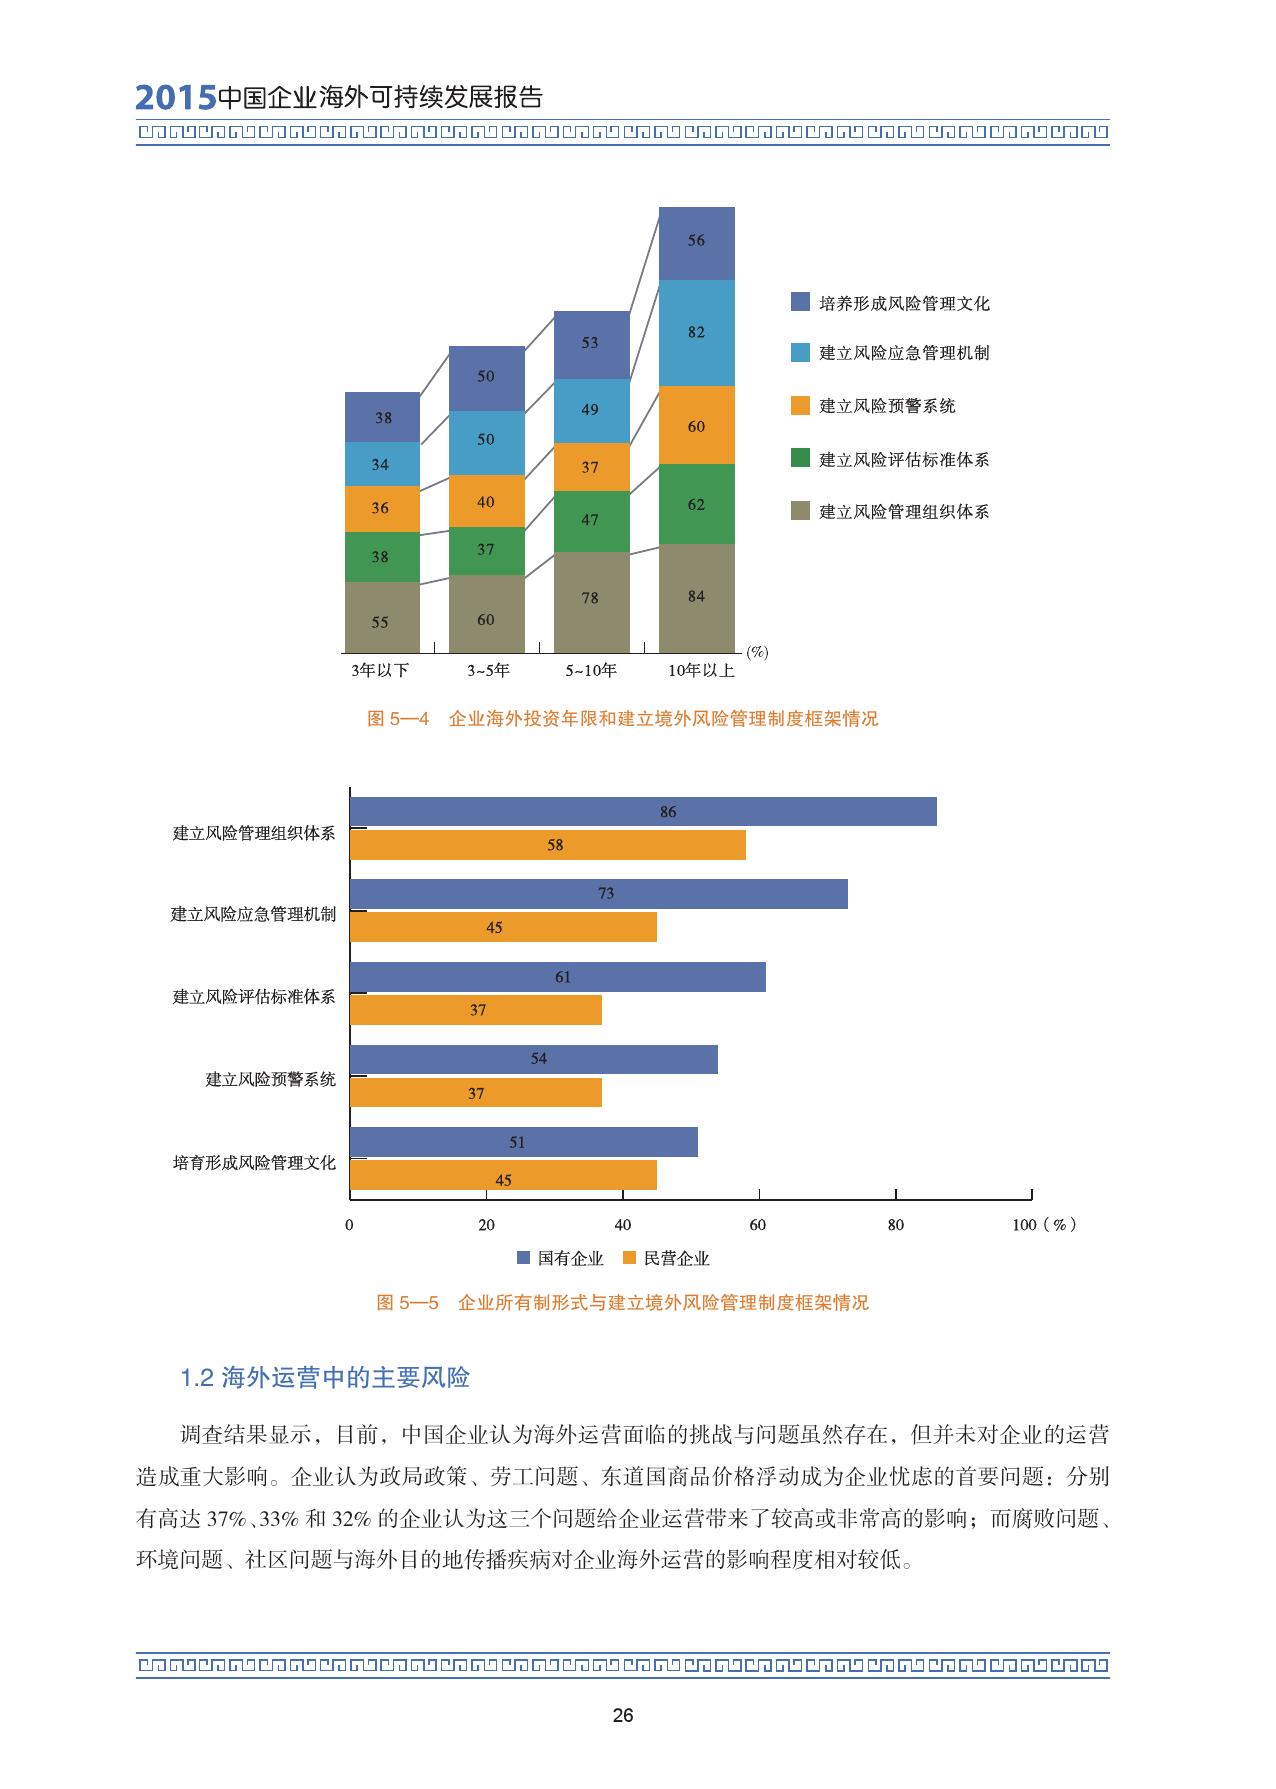 2015中国企业海外可持续发展报告_000040